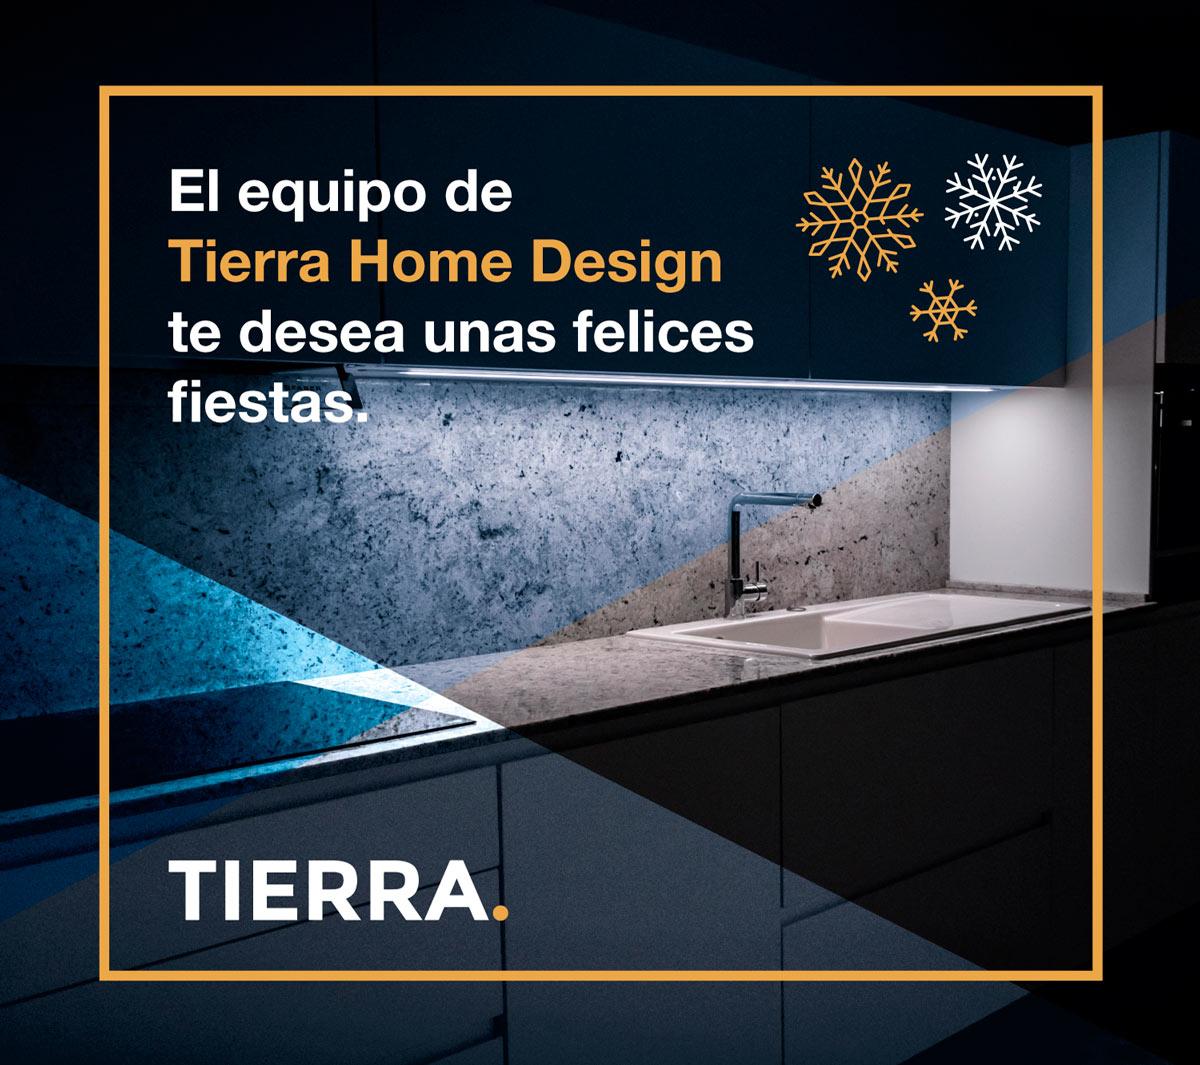 Nuestro equipo te desea felices fiestasTierra Home Design - diseño de cocinas en Vitoria